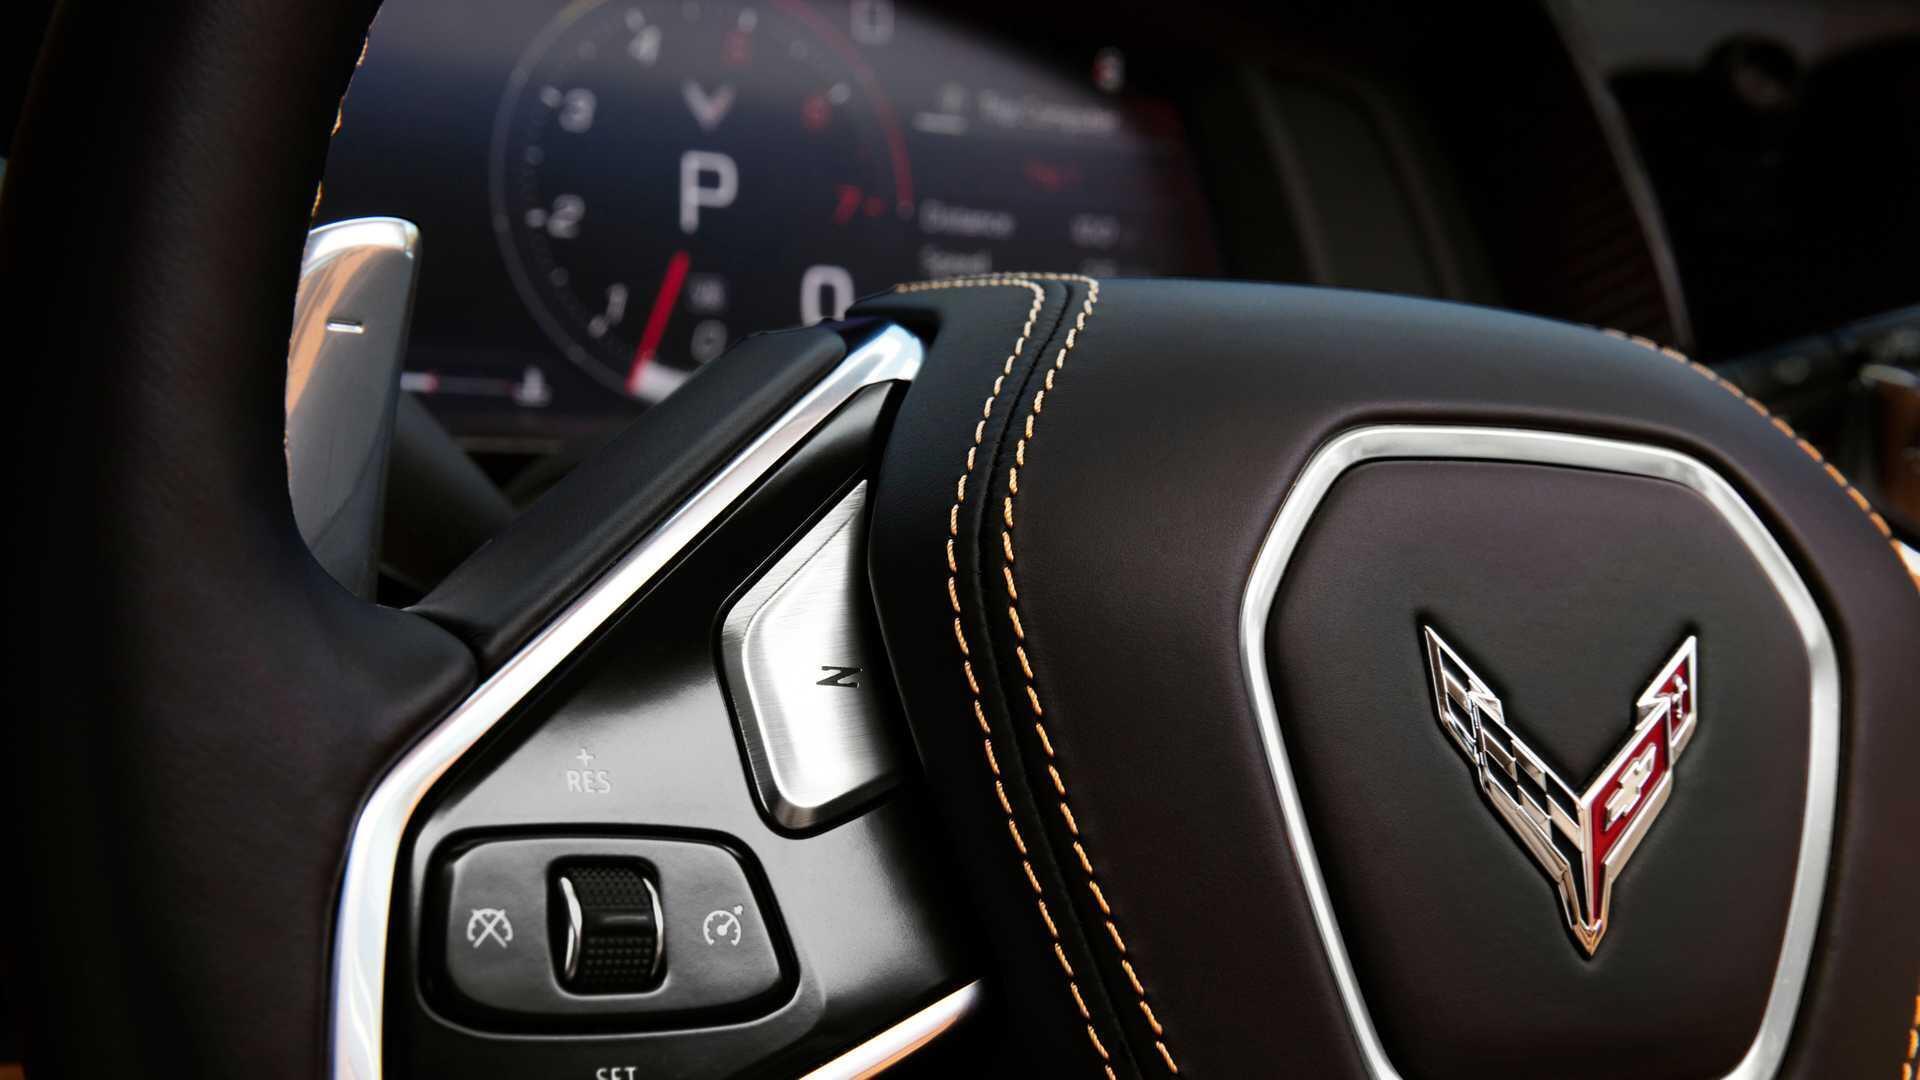 https://cdn.dailyxe.com.vn/image/chevrolet-corvette-2020-co-mot-so-tinh-nang-an-tuyet-voi-85-94592j2.jpg